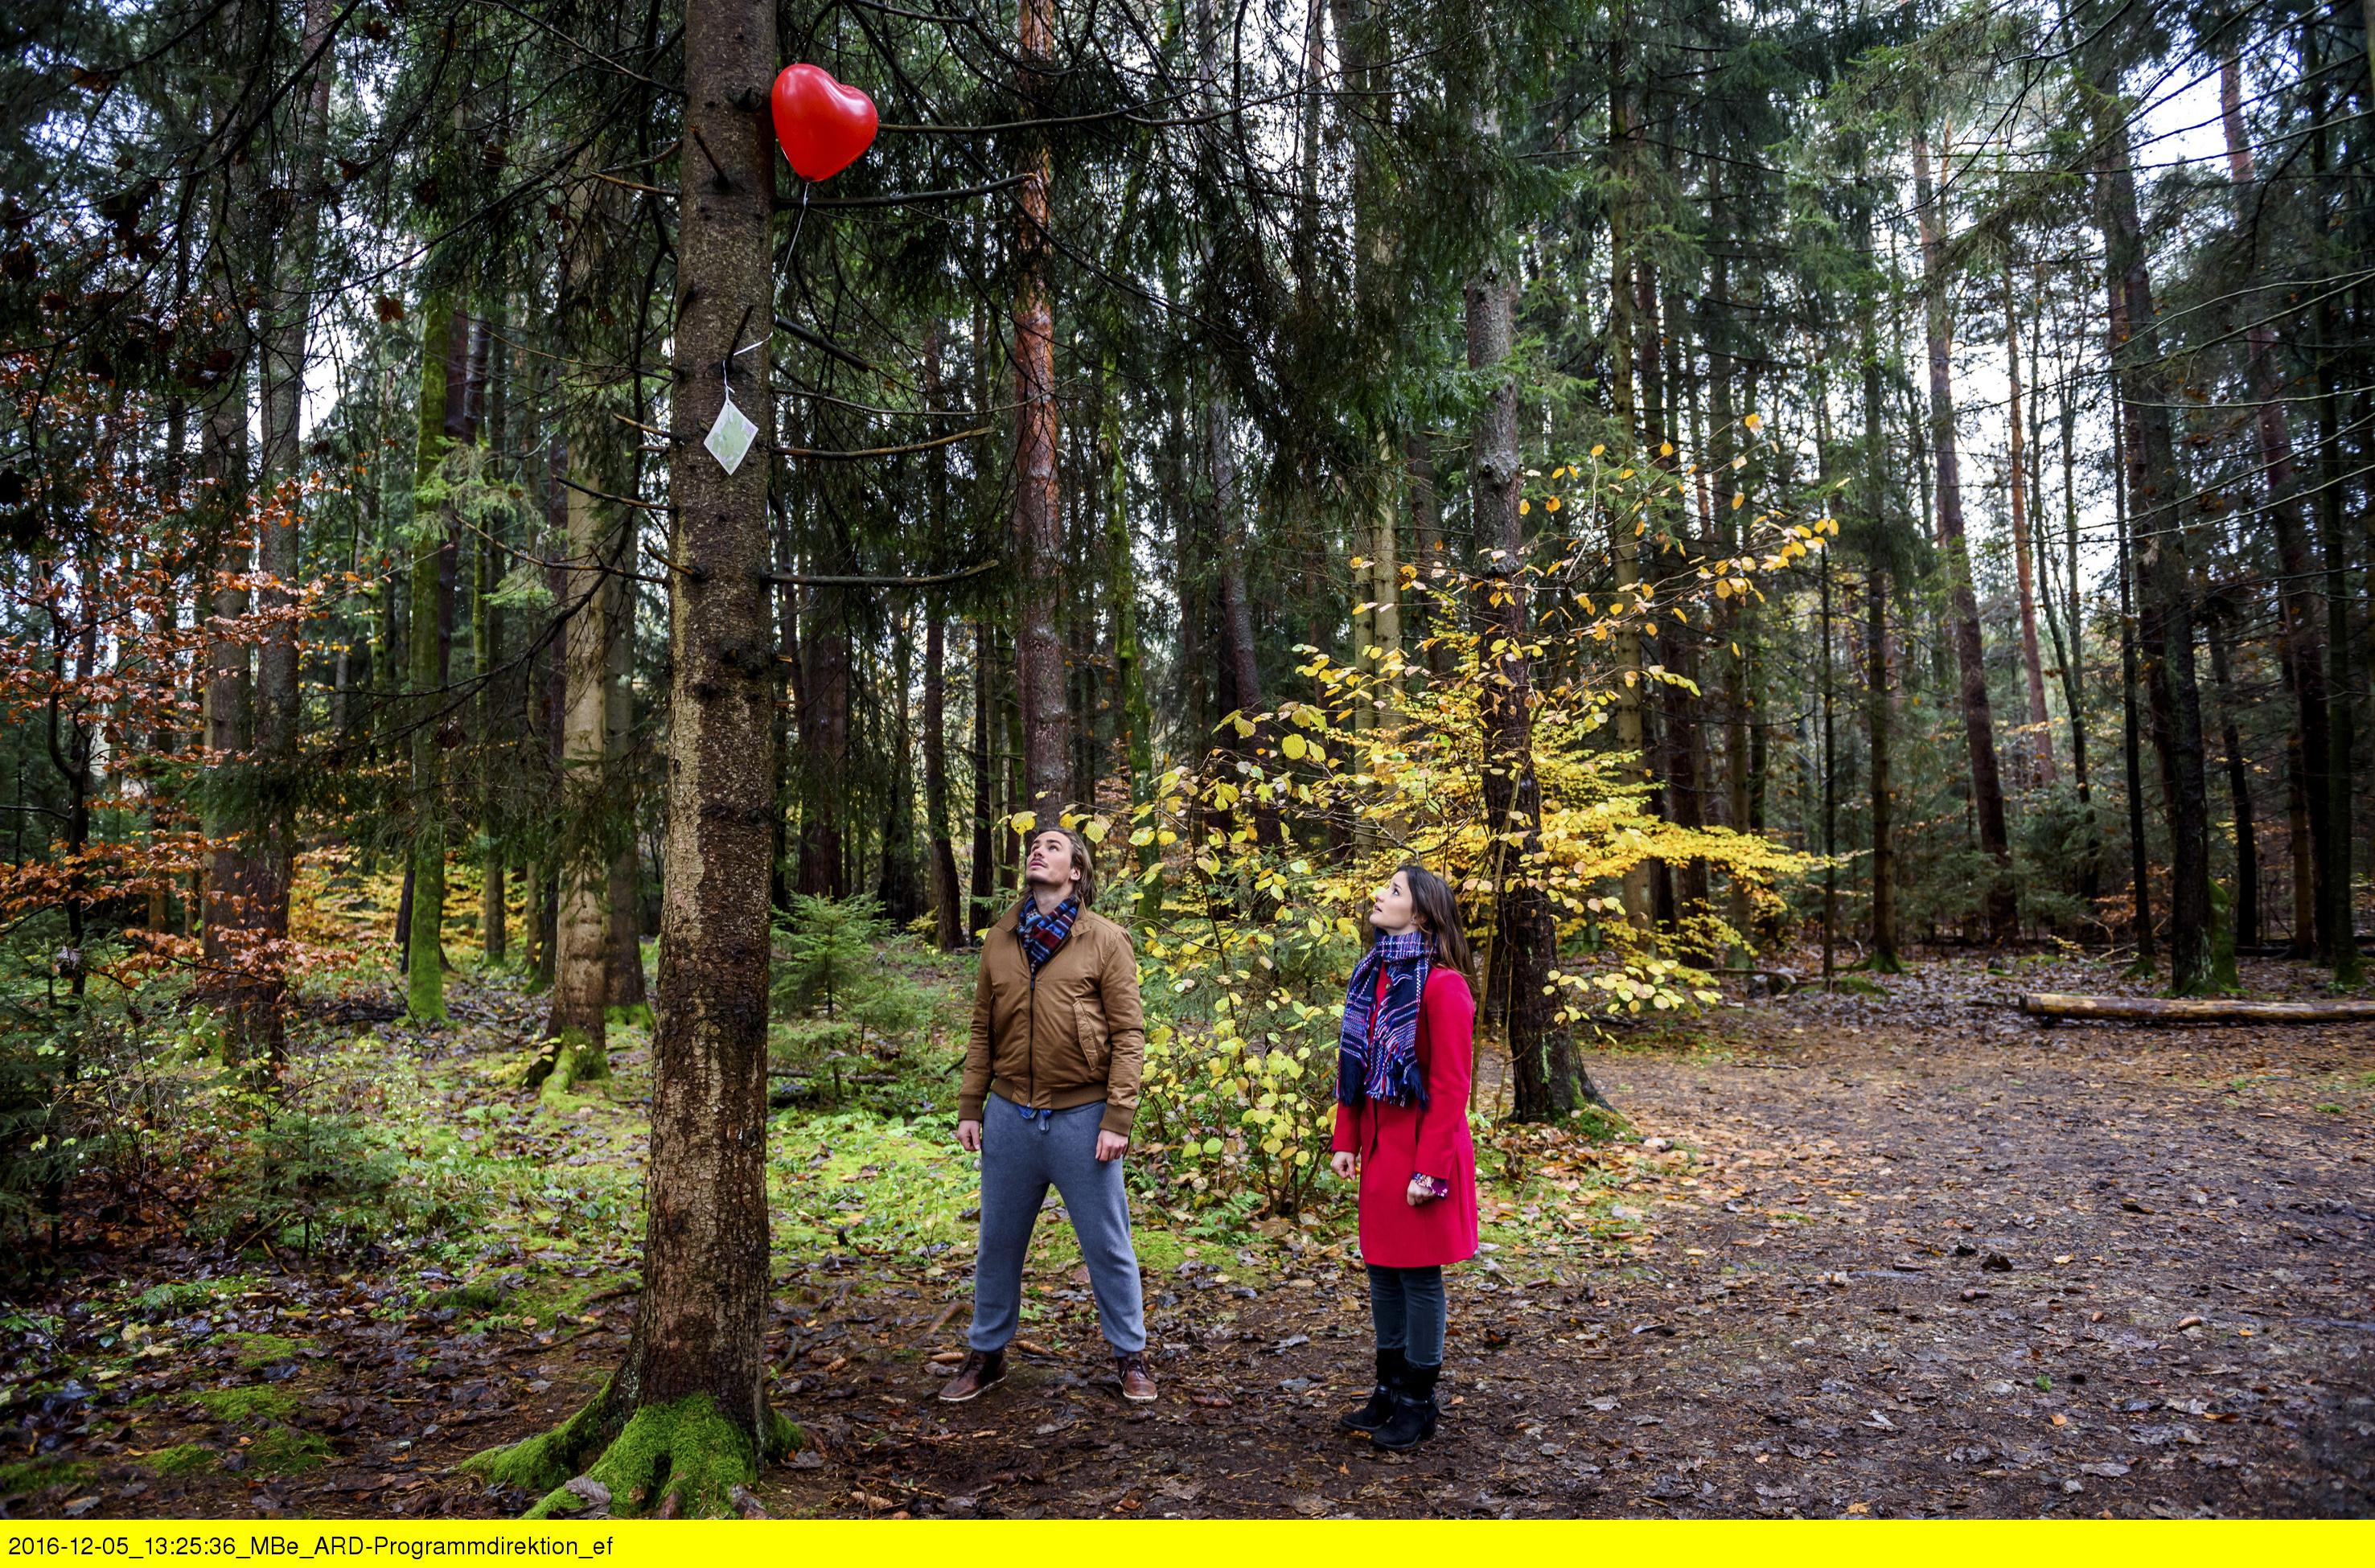 ARD STURM DER LIEBE FOLGE 2616, am Freitag (20.01.17) um 15:10 Uhr im ERSTEN. Clara (Jeannine Michèle Wacker, r.) und William (Alexander Milz, l.) entdecken in einem Baum einen Ballon mit einer Karte. (Quelle: ARD/Christof Arnold)